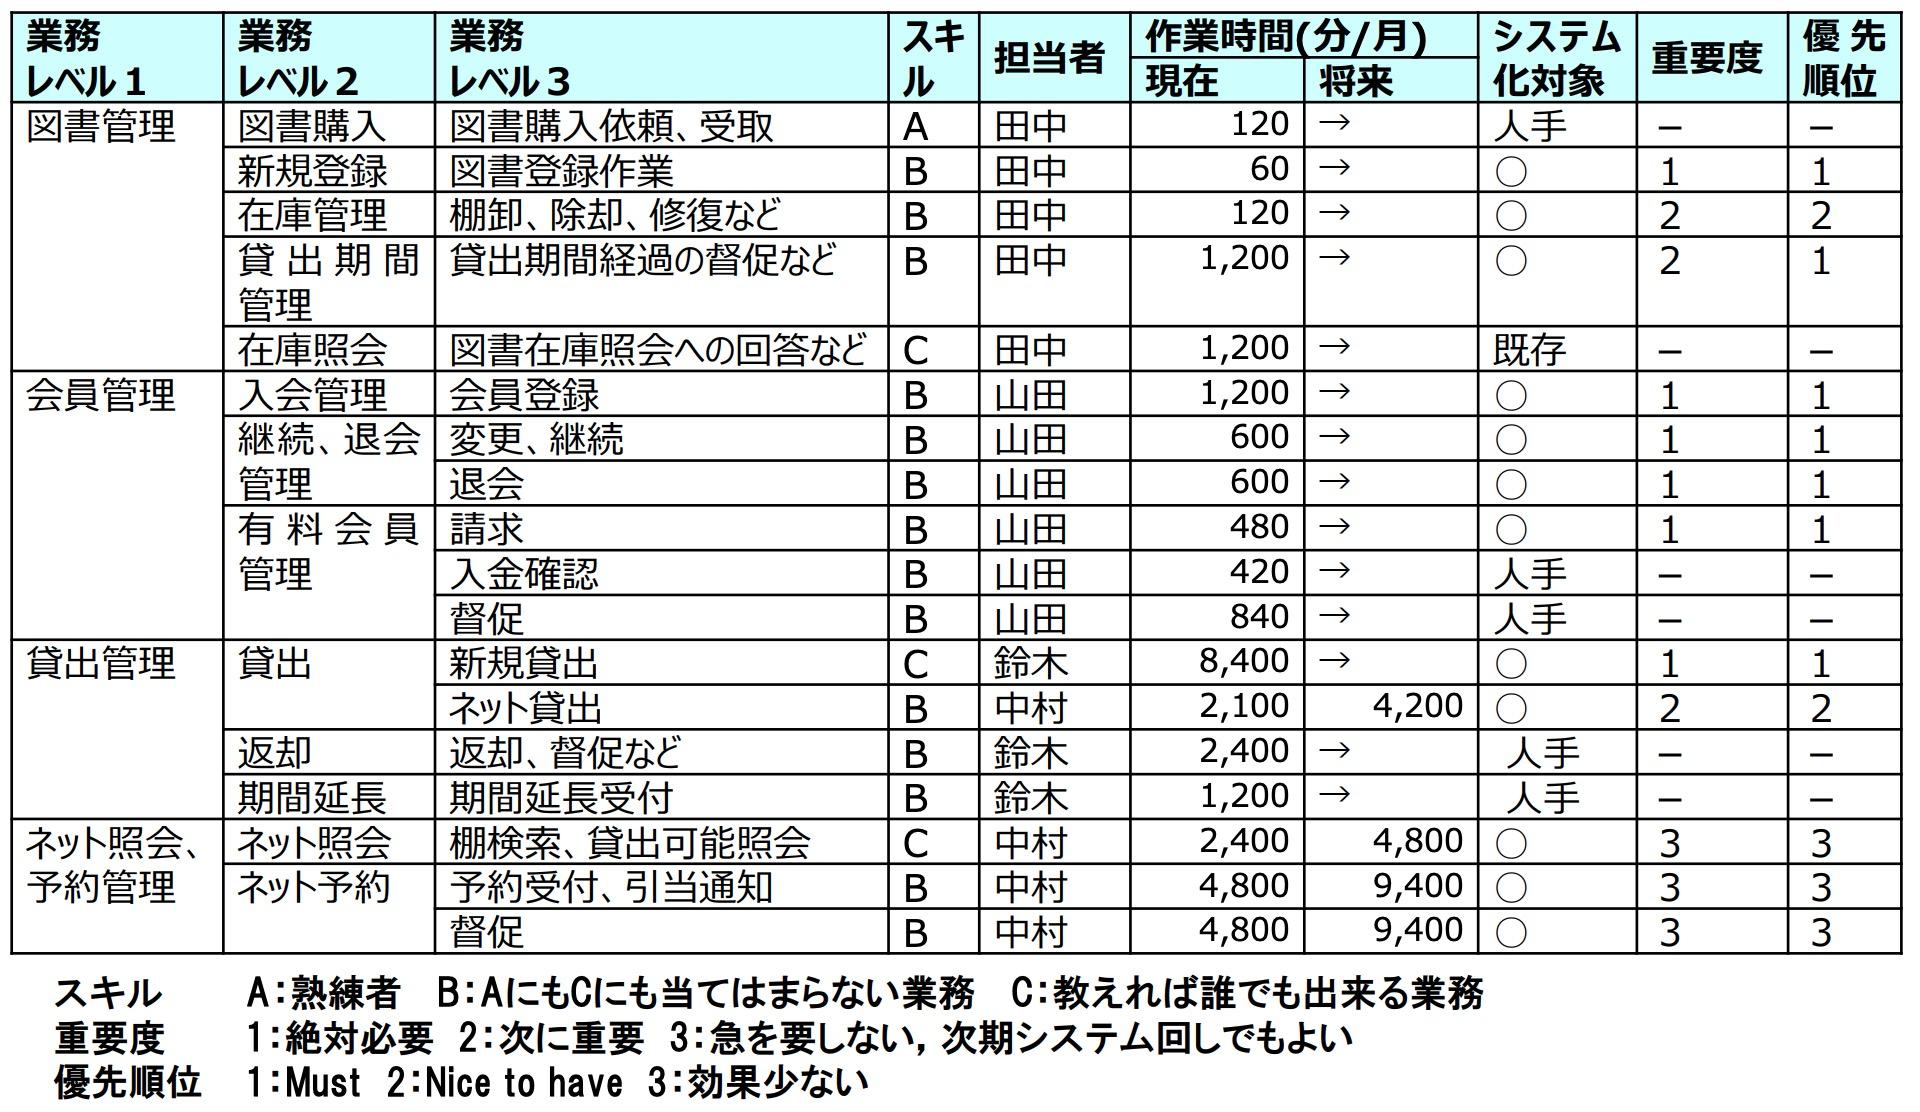 業務機能構成表(サンプル)